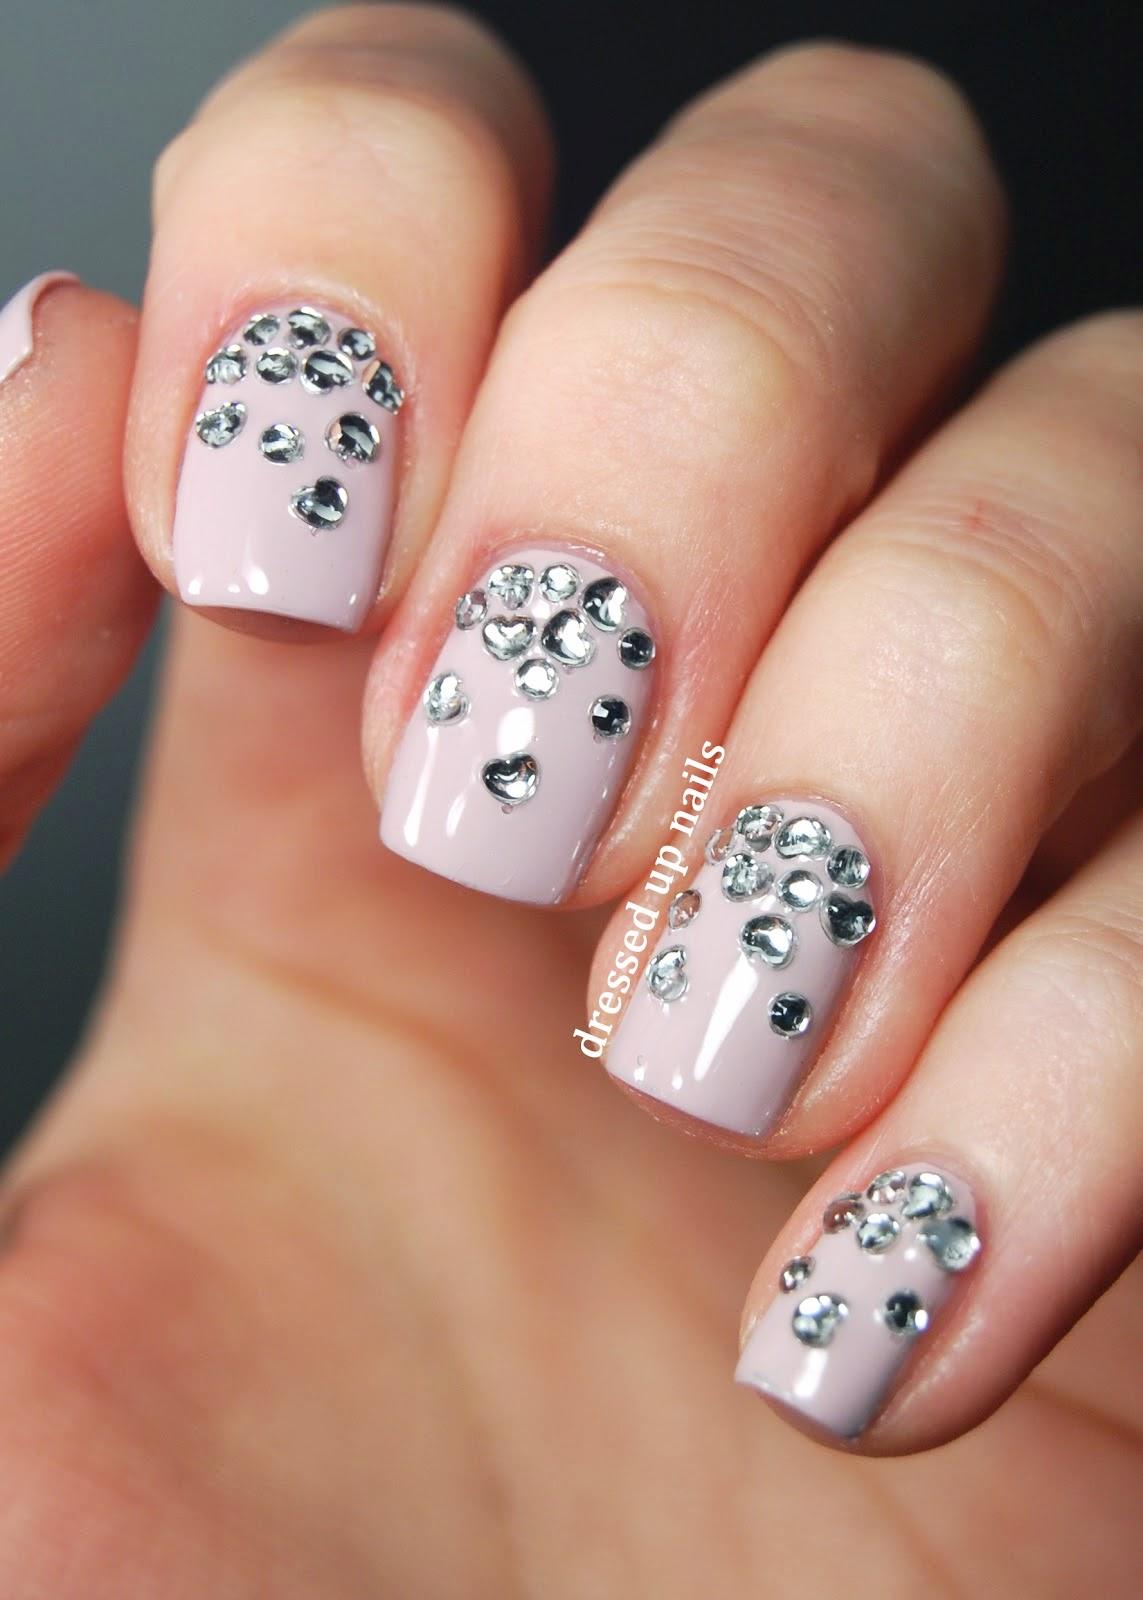 Dise os de u as con piedras maquillaje tips for Unas decoradas con piedras brillantes